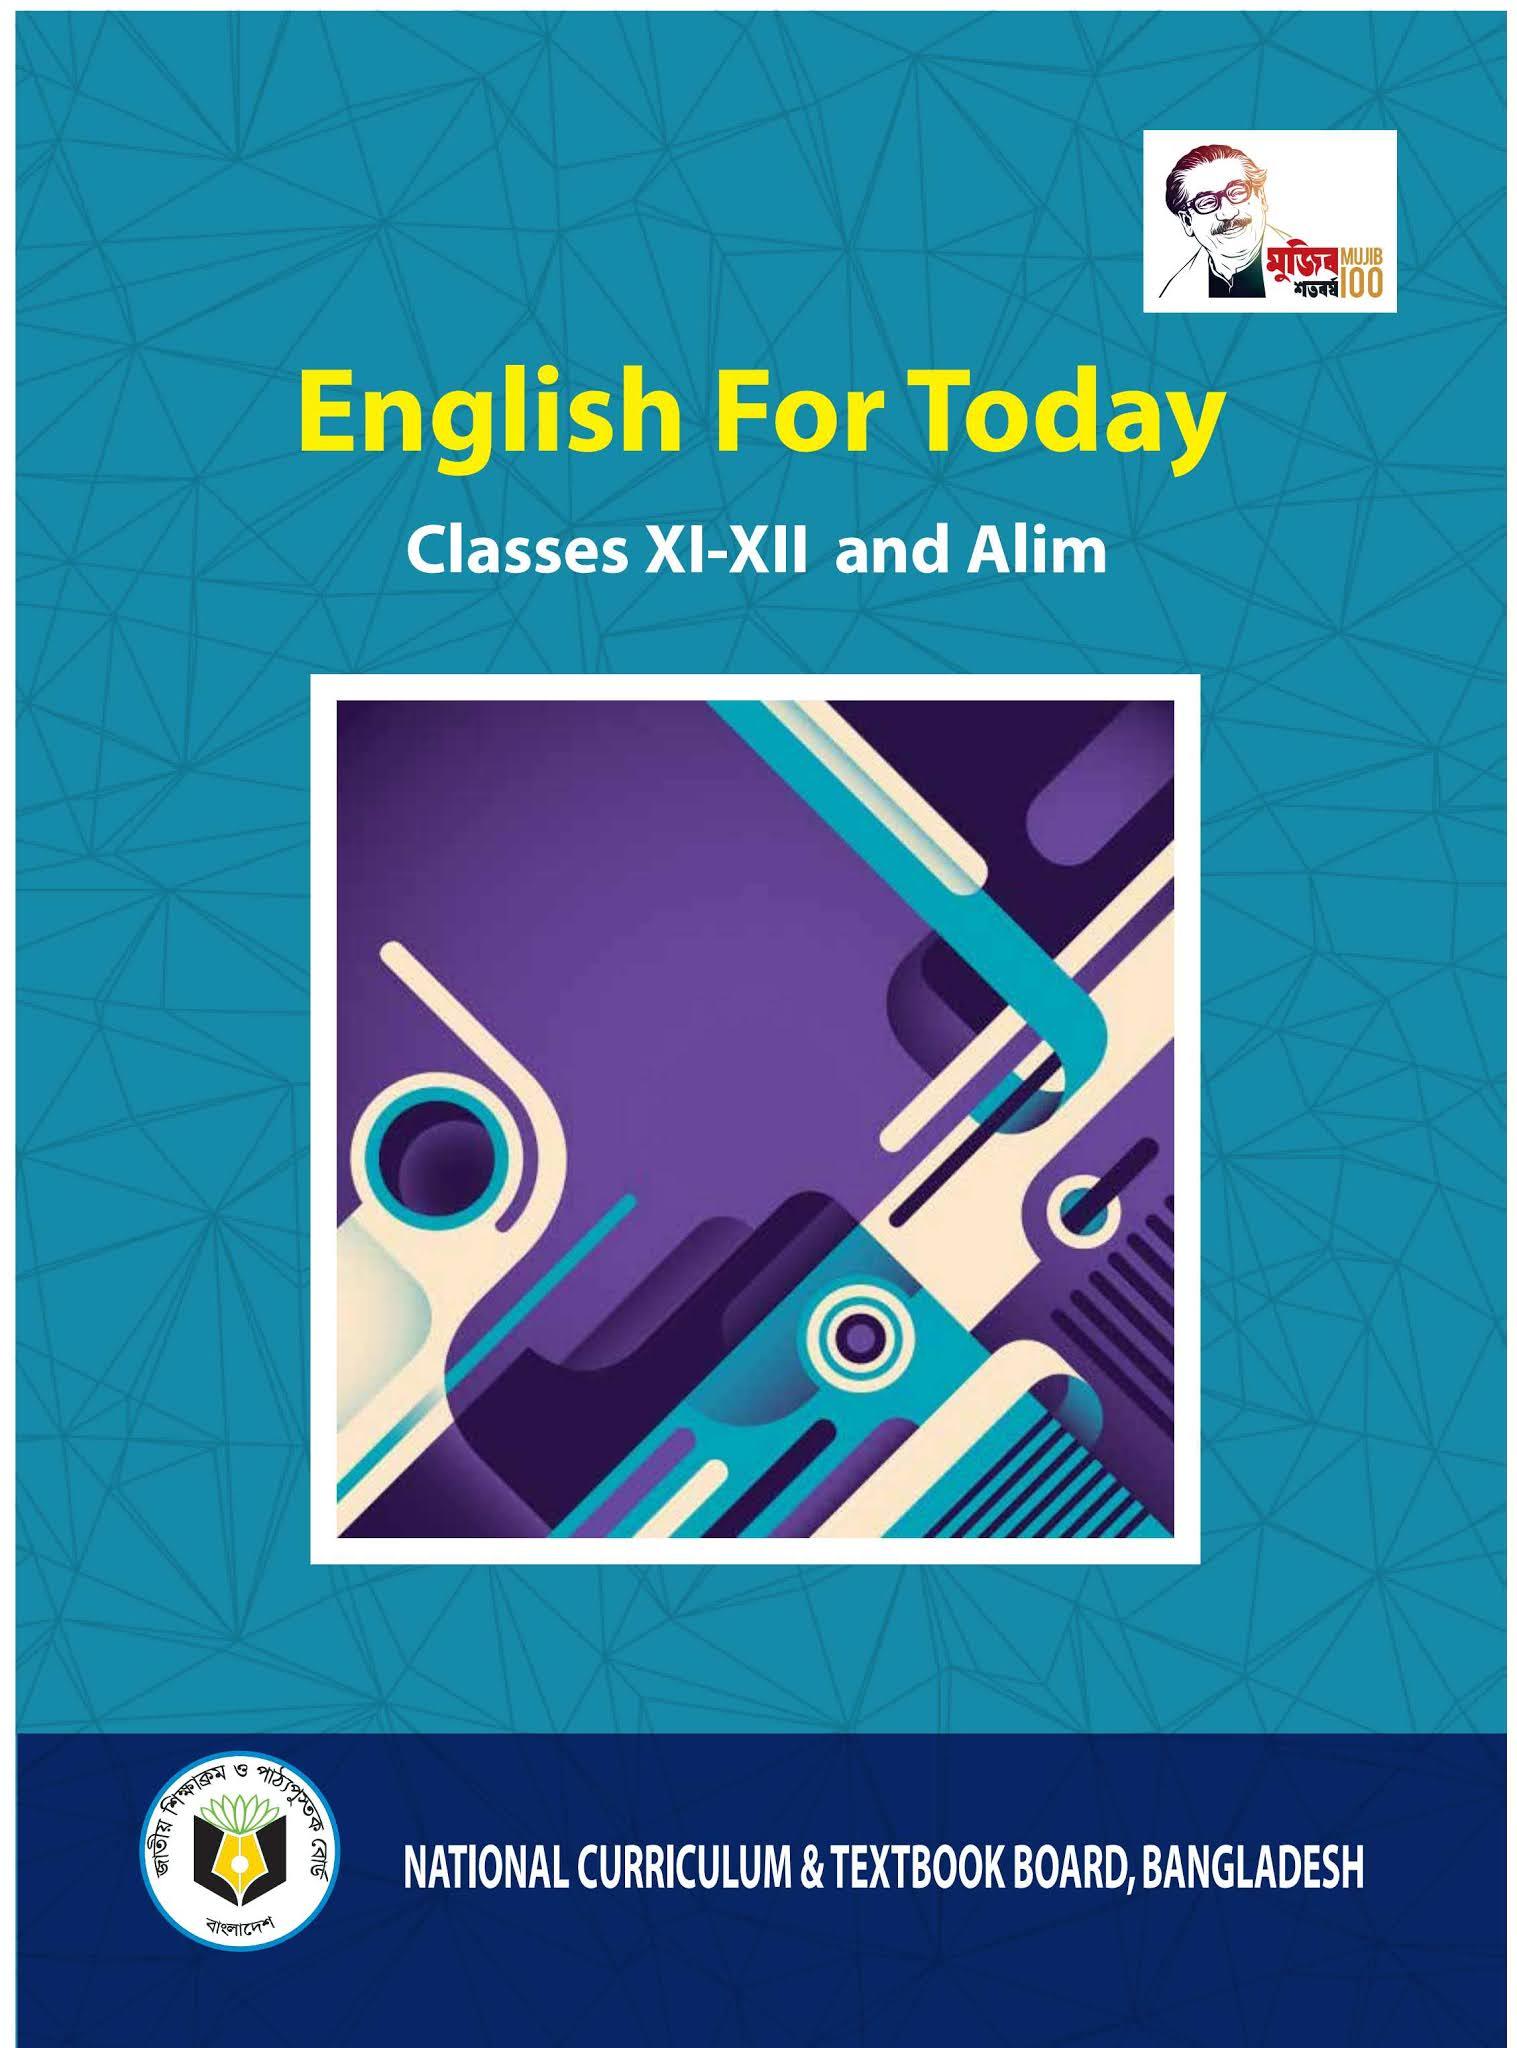 একাদশ-দ্বাদশ শ্রেণীর ইংরেজি ১ম পত্র বই pdf Download করুন | Hsc English For Today Book 2020-21 Pdf